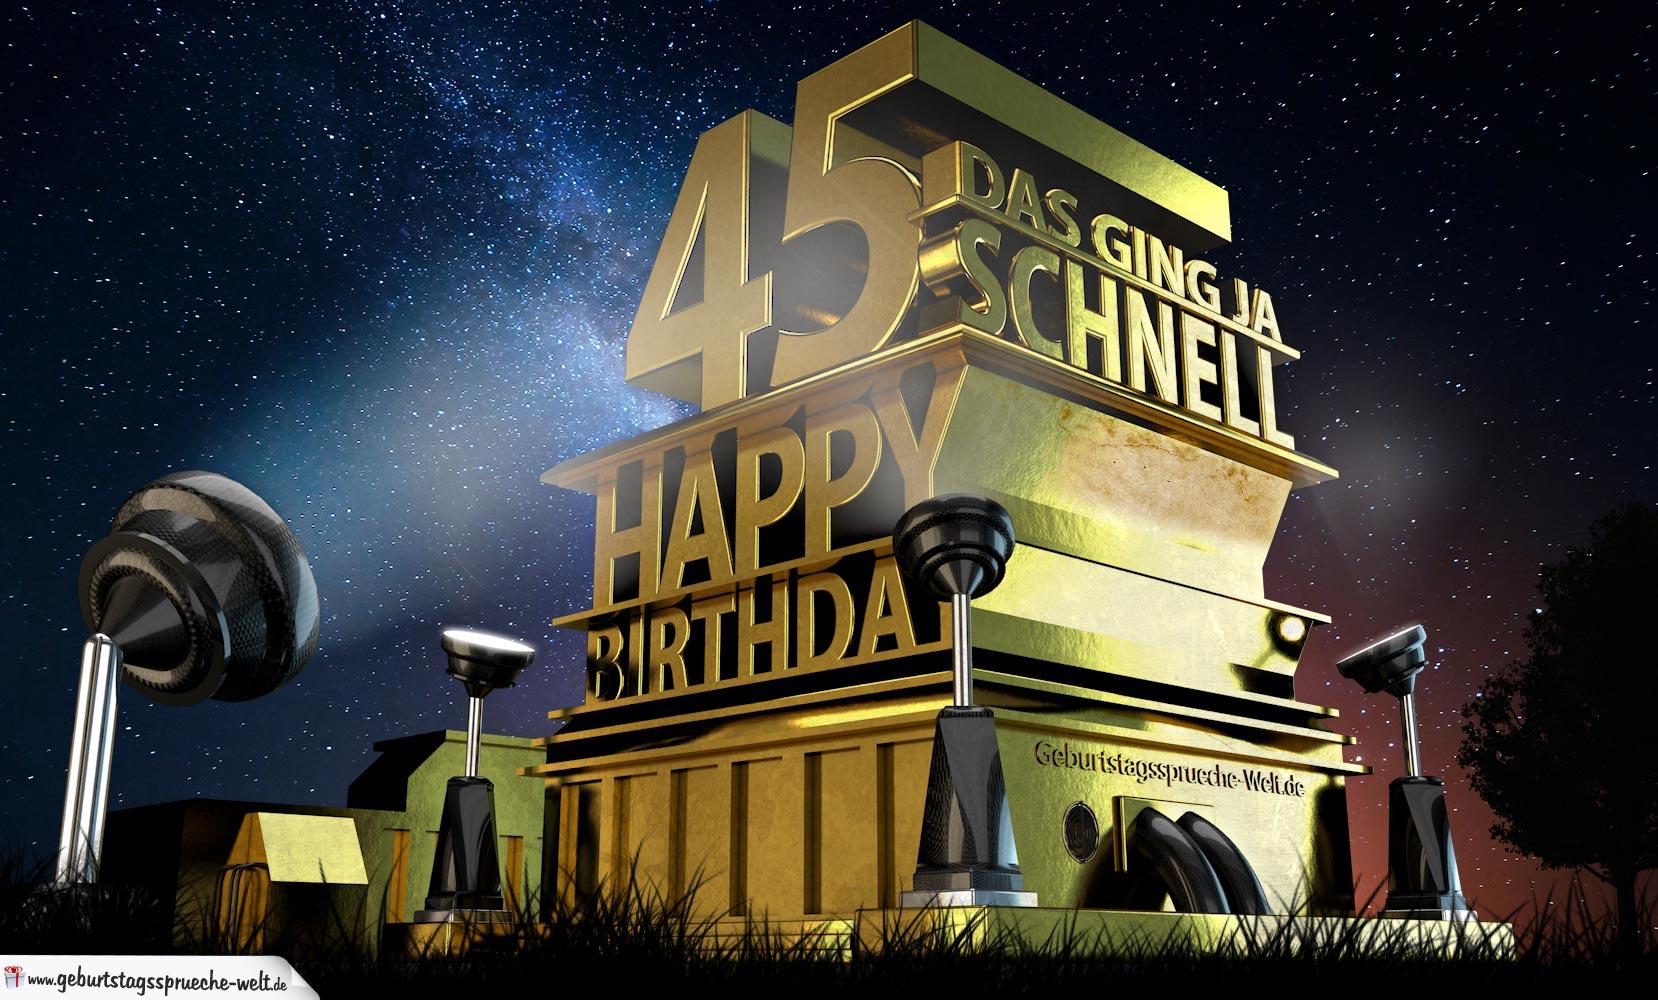 Kostenlose Geburtstagskarte zum 45. Geburtstag im Stile